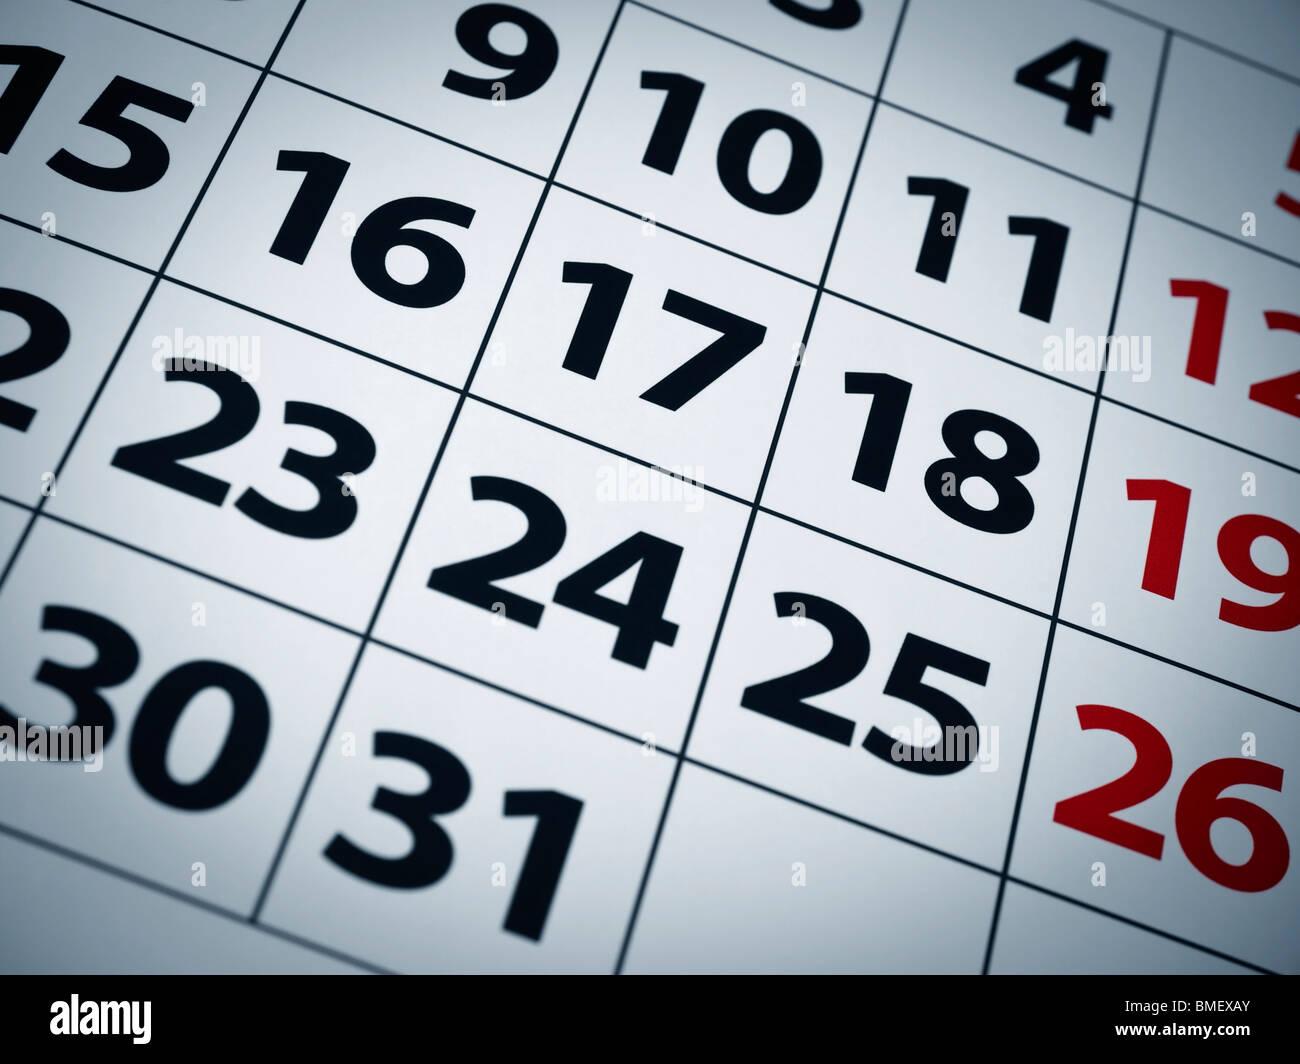 Nahaufnahme von Zahlen auf einem Kalenderblatt. Stockbild